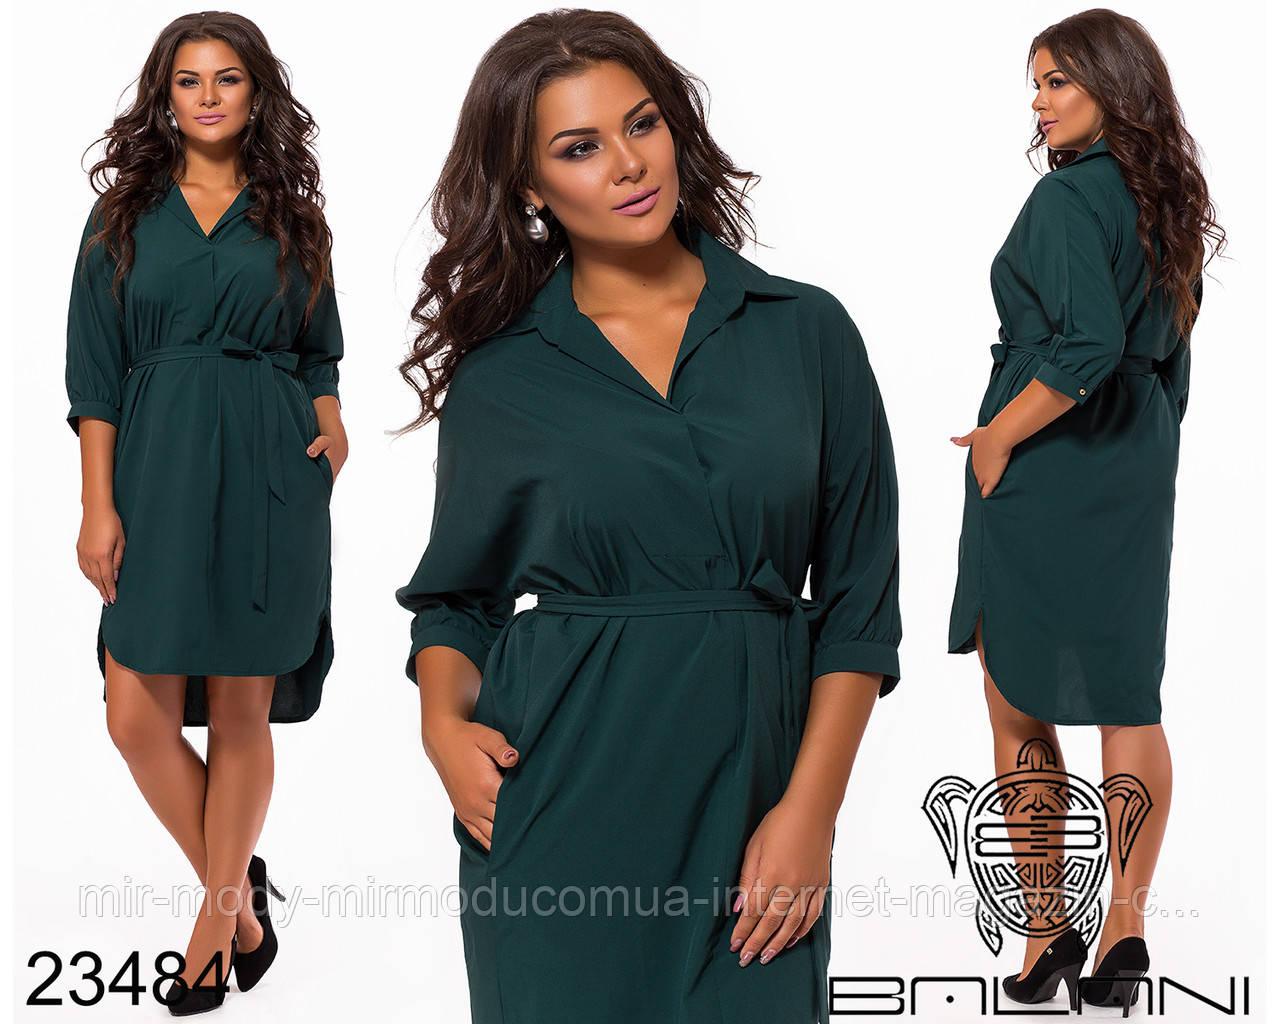 Платье-рубашка- 23484 с 46 по 58 размер бн